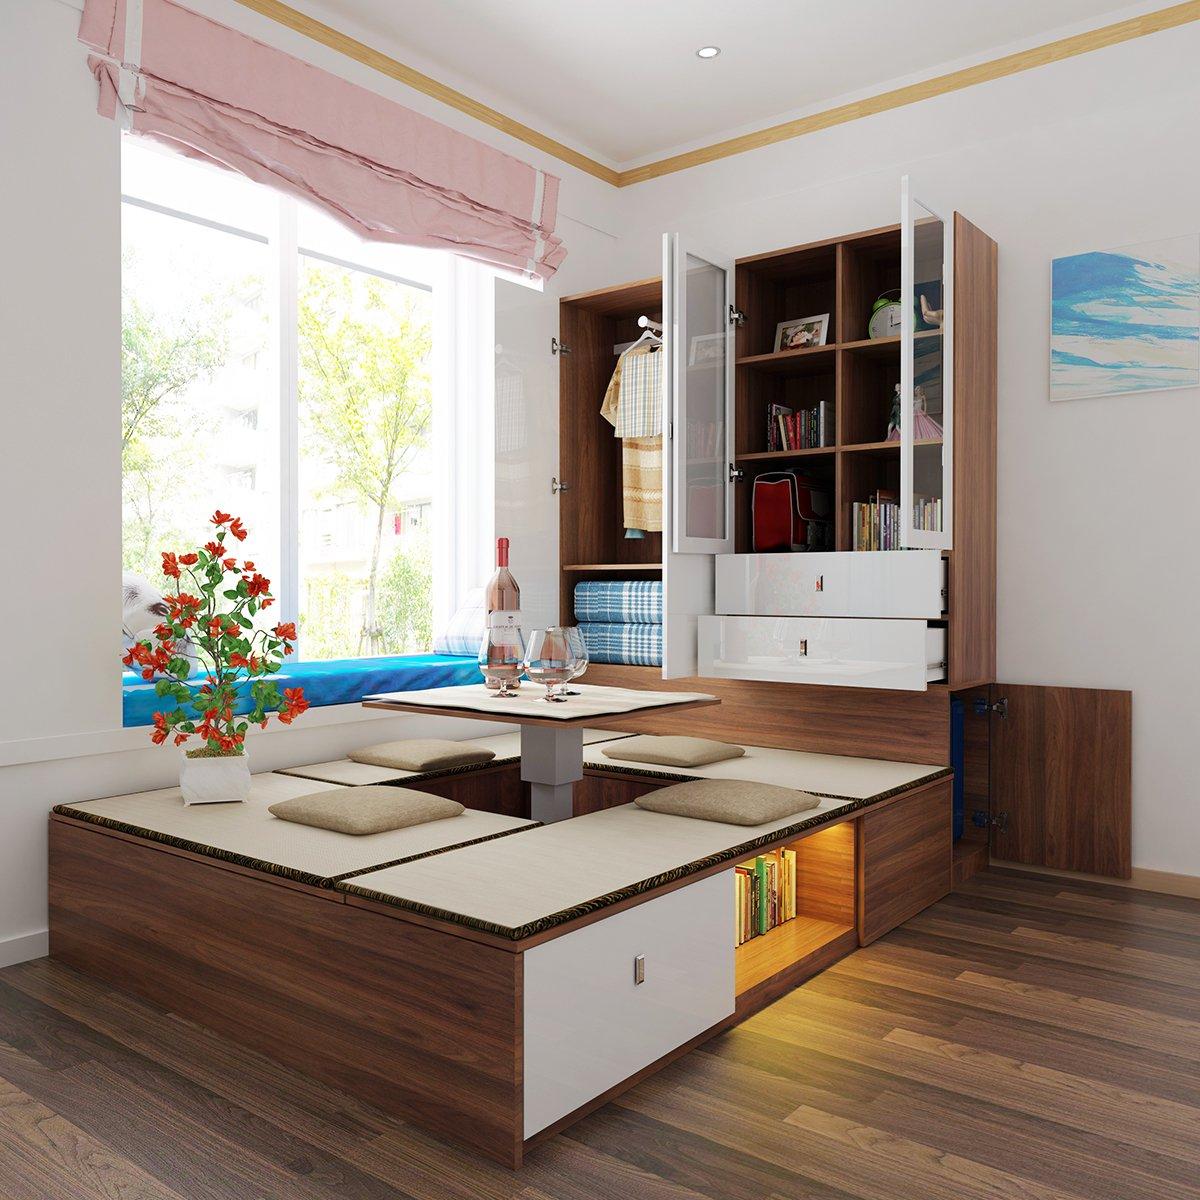 轻奢北欧 卧室家具胡桃木高箱储物榻榻米双人床小户型主卧收纳床